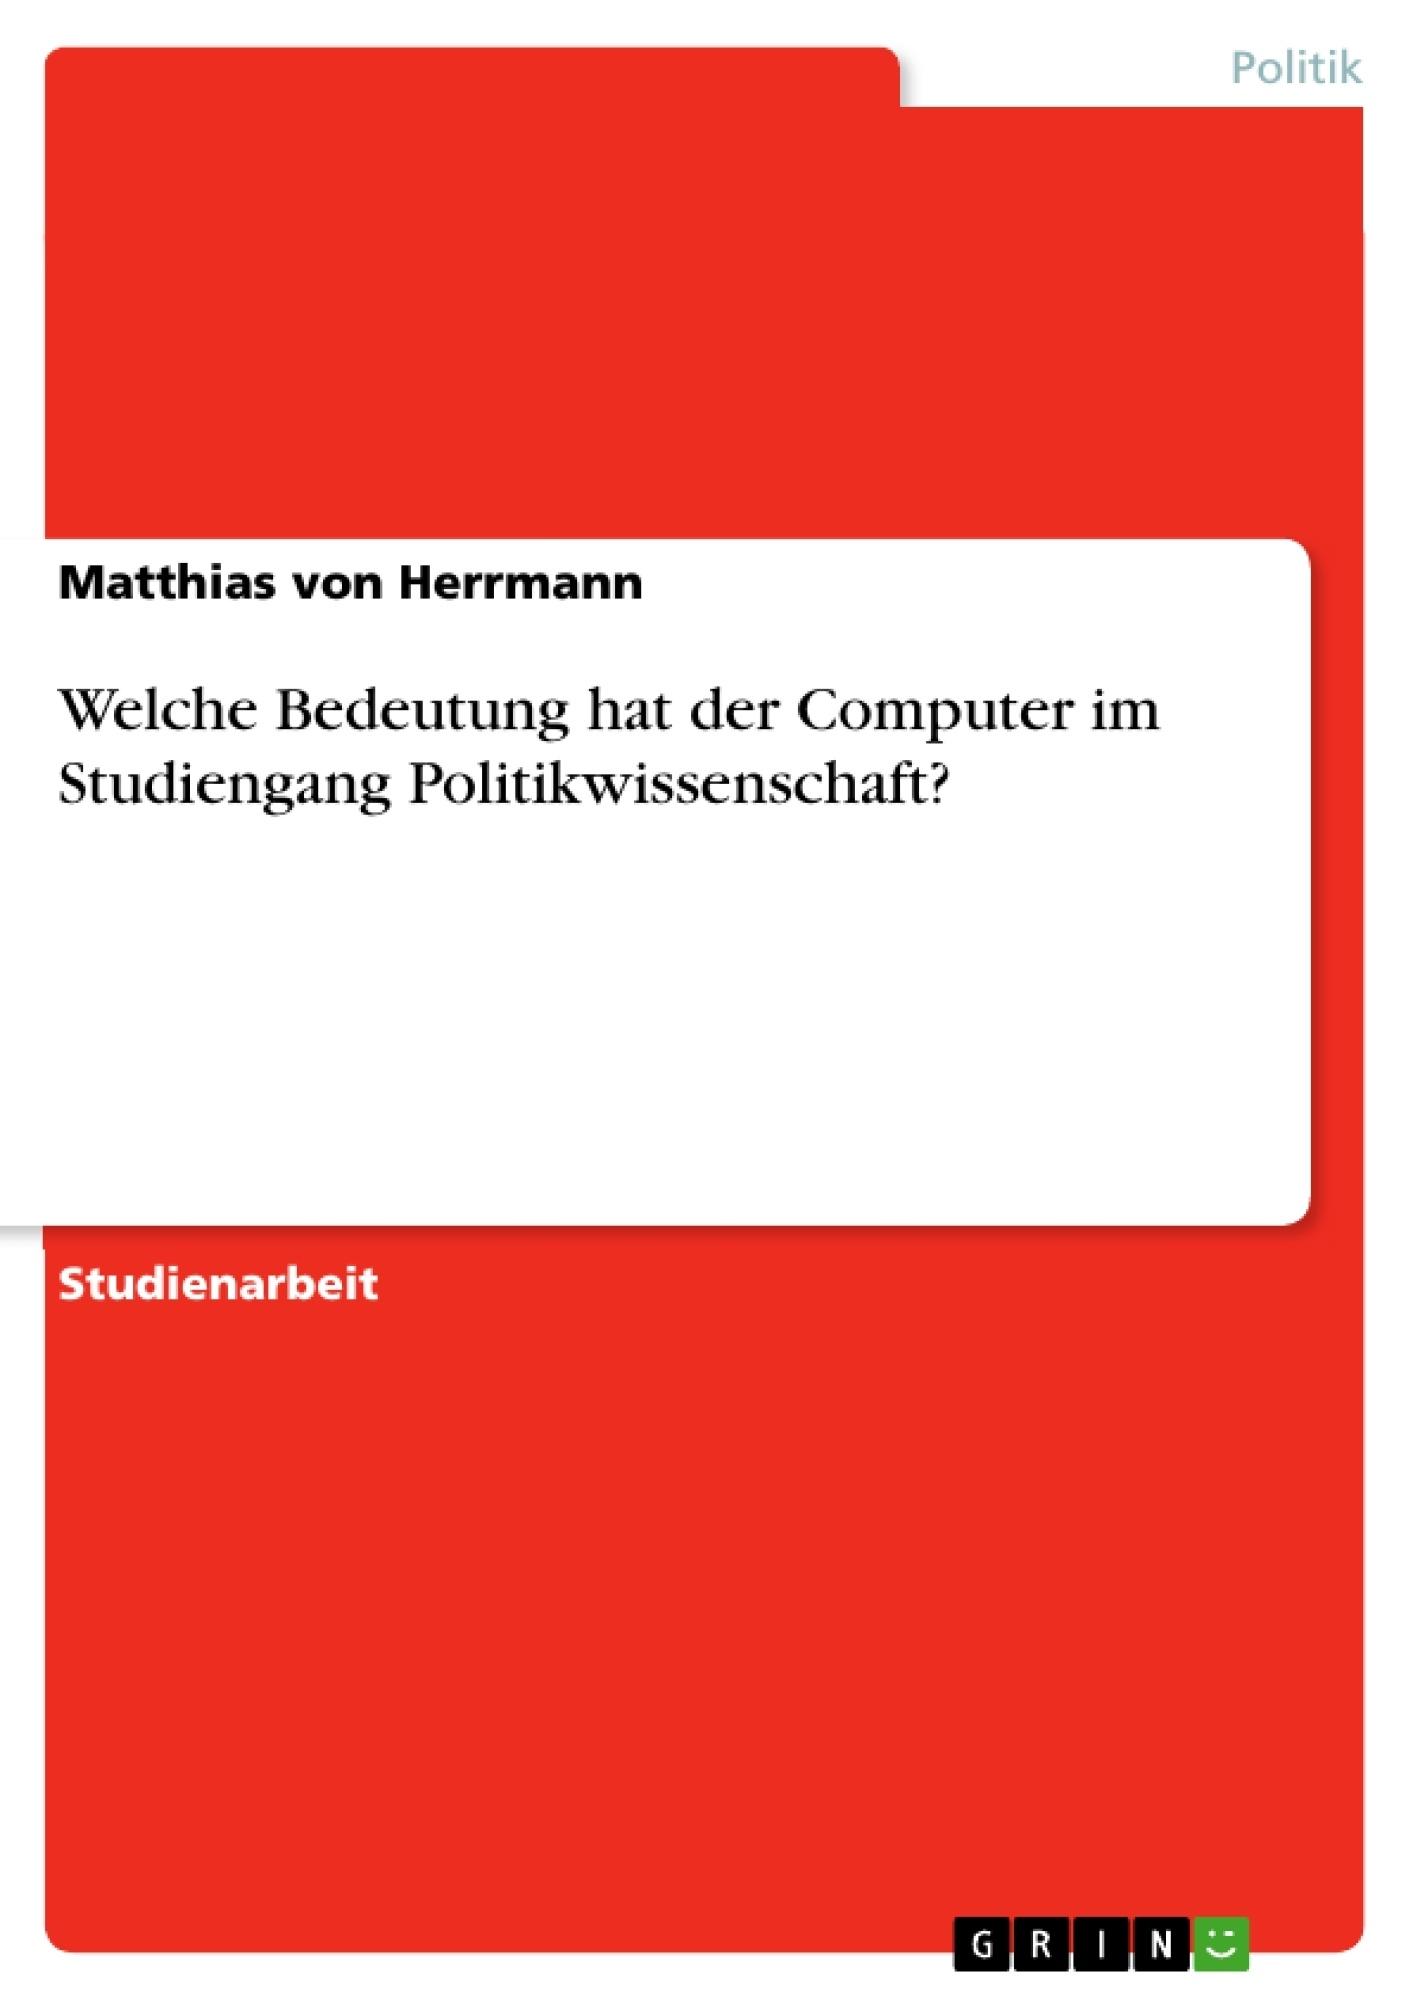 Titel: Welche Bedeutung hat der Computer im Studiengang Politikwissenschaft?